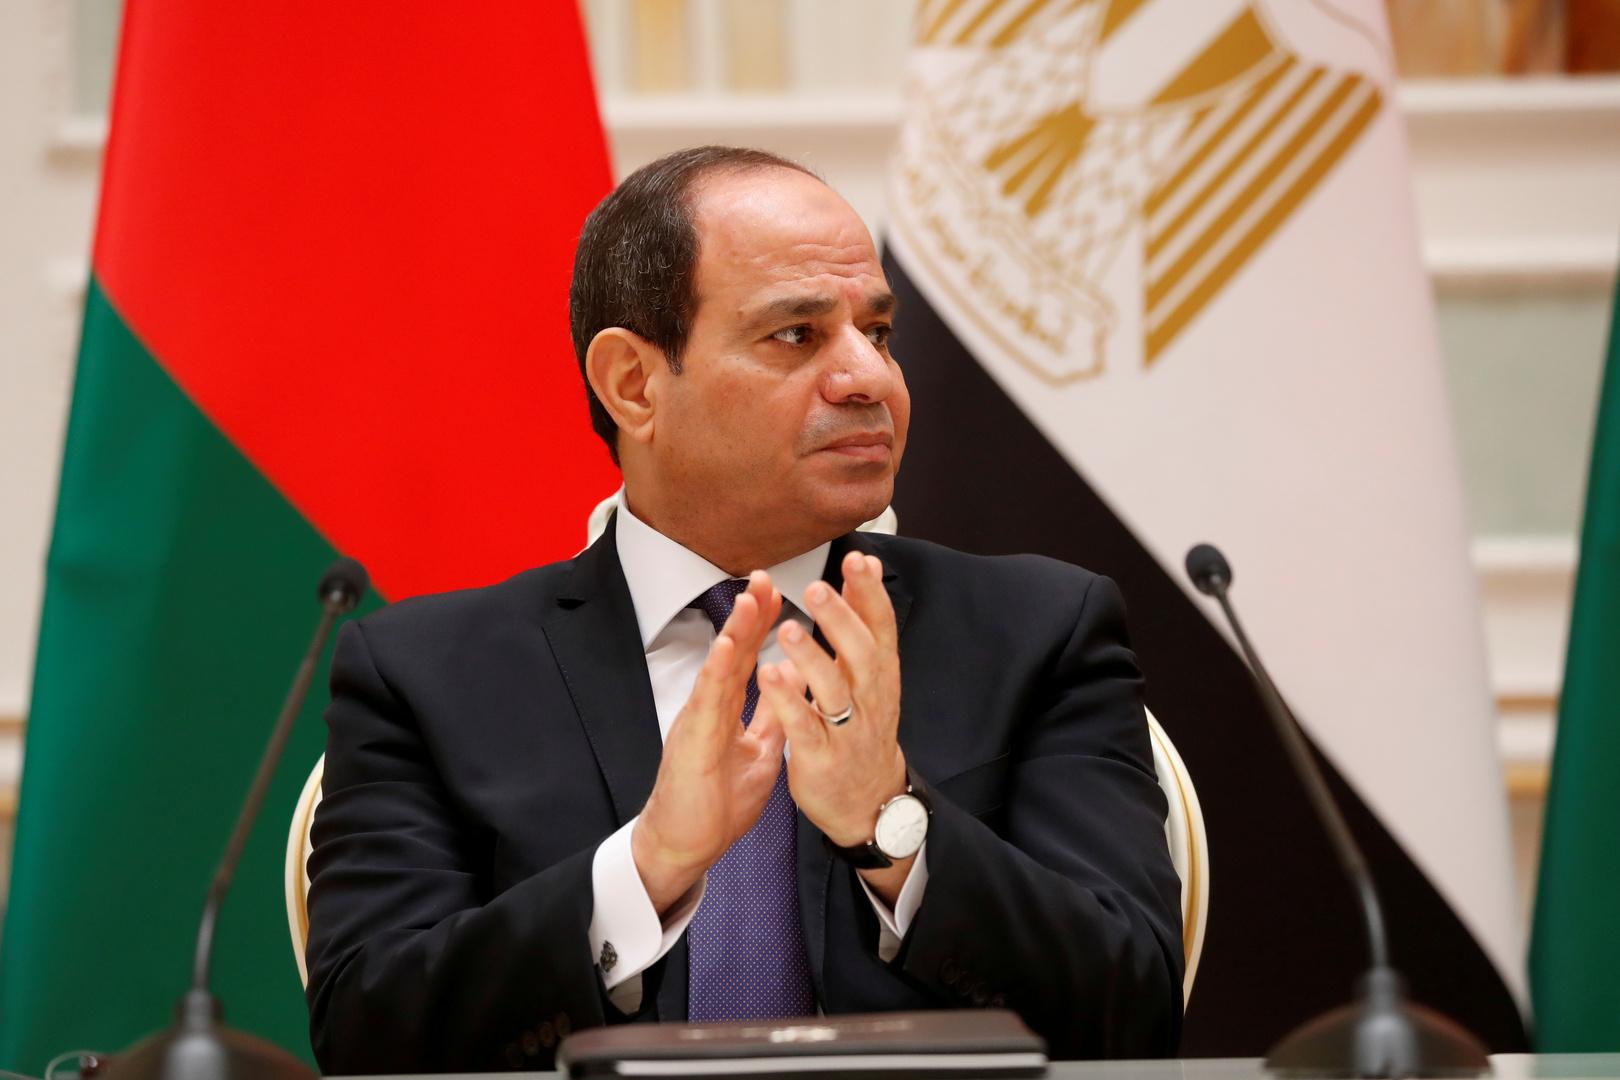 السيسي للمصريين: سنعطي كل مواطن شقة